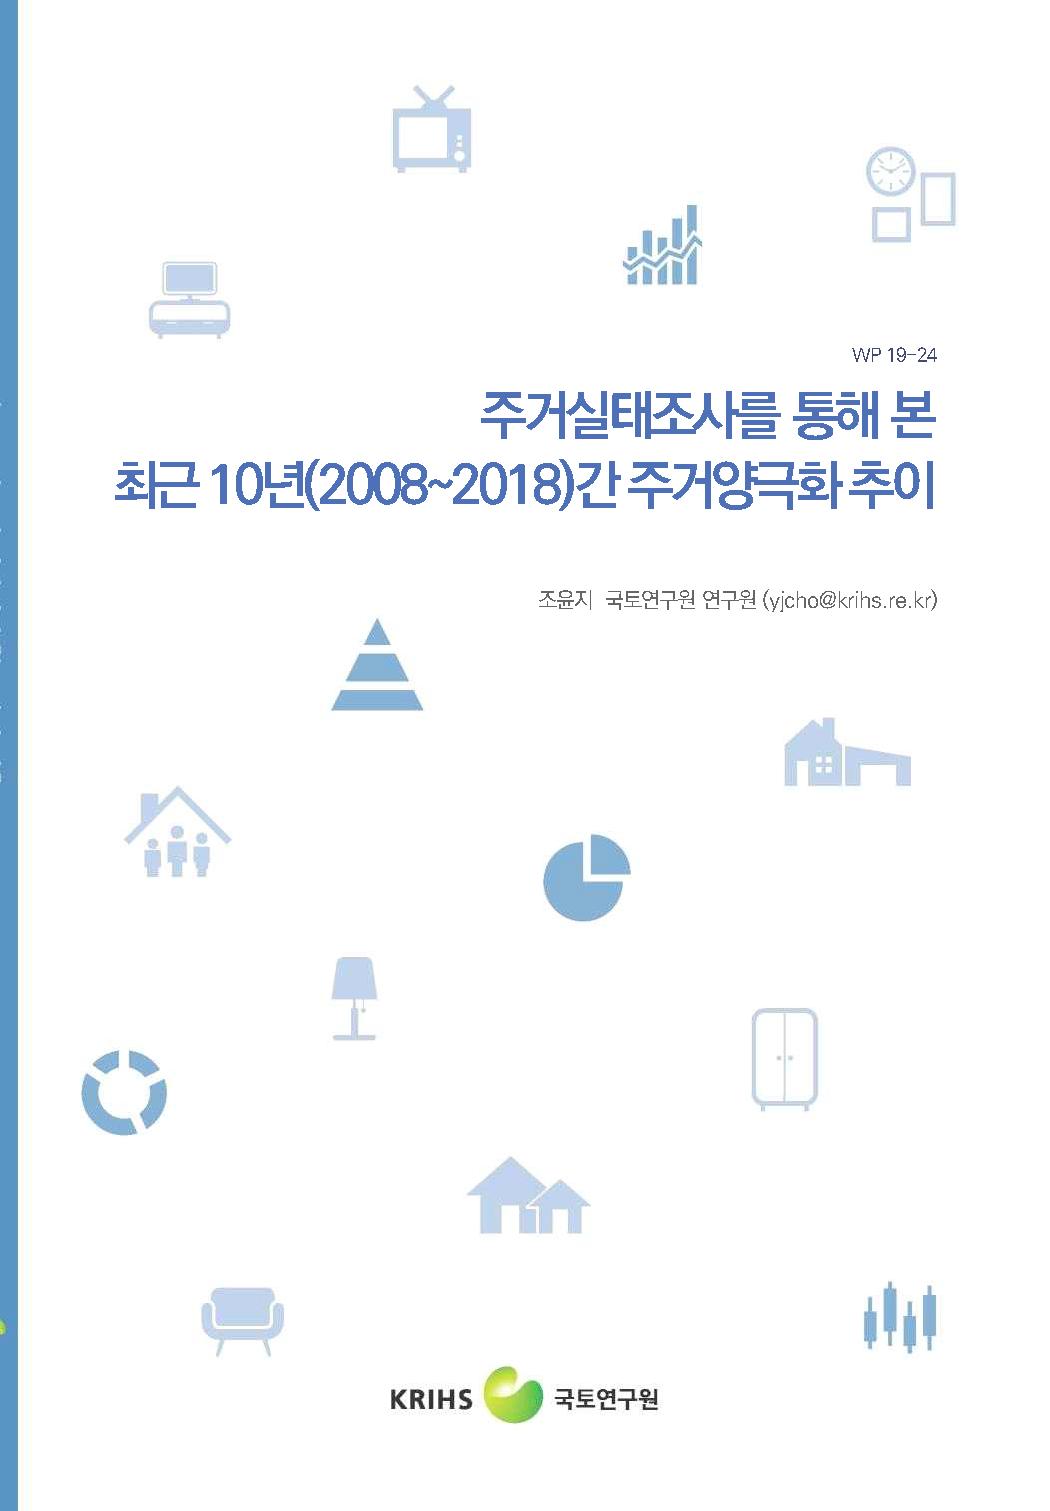 주거실태조사를 통해 본 최근 10년(2008~2018)간 주거양극화 추이